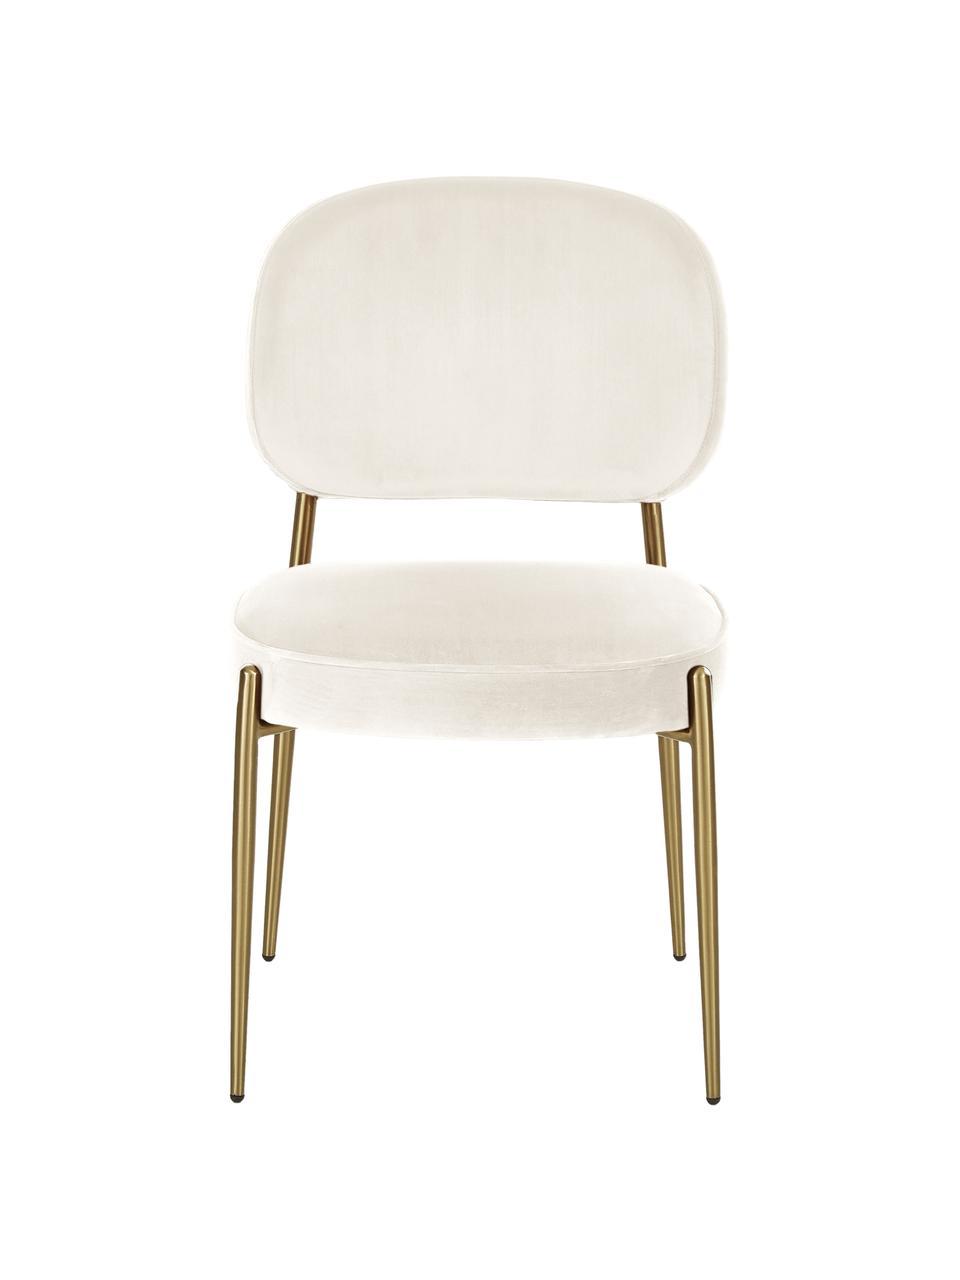 Krzesło tapicerowane z aksamitu Viggo, Tapicerka: aksamit (poliester) Dzięk, Aksamitny beżowy, nogi: złoty, S 49 x G 66 cm